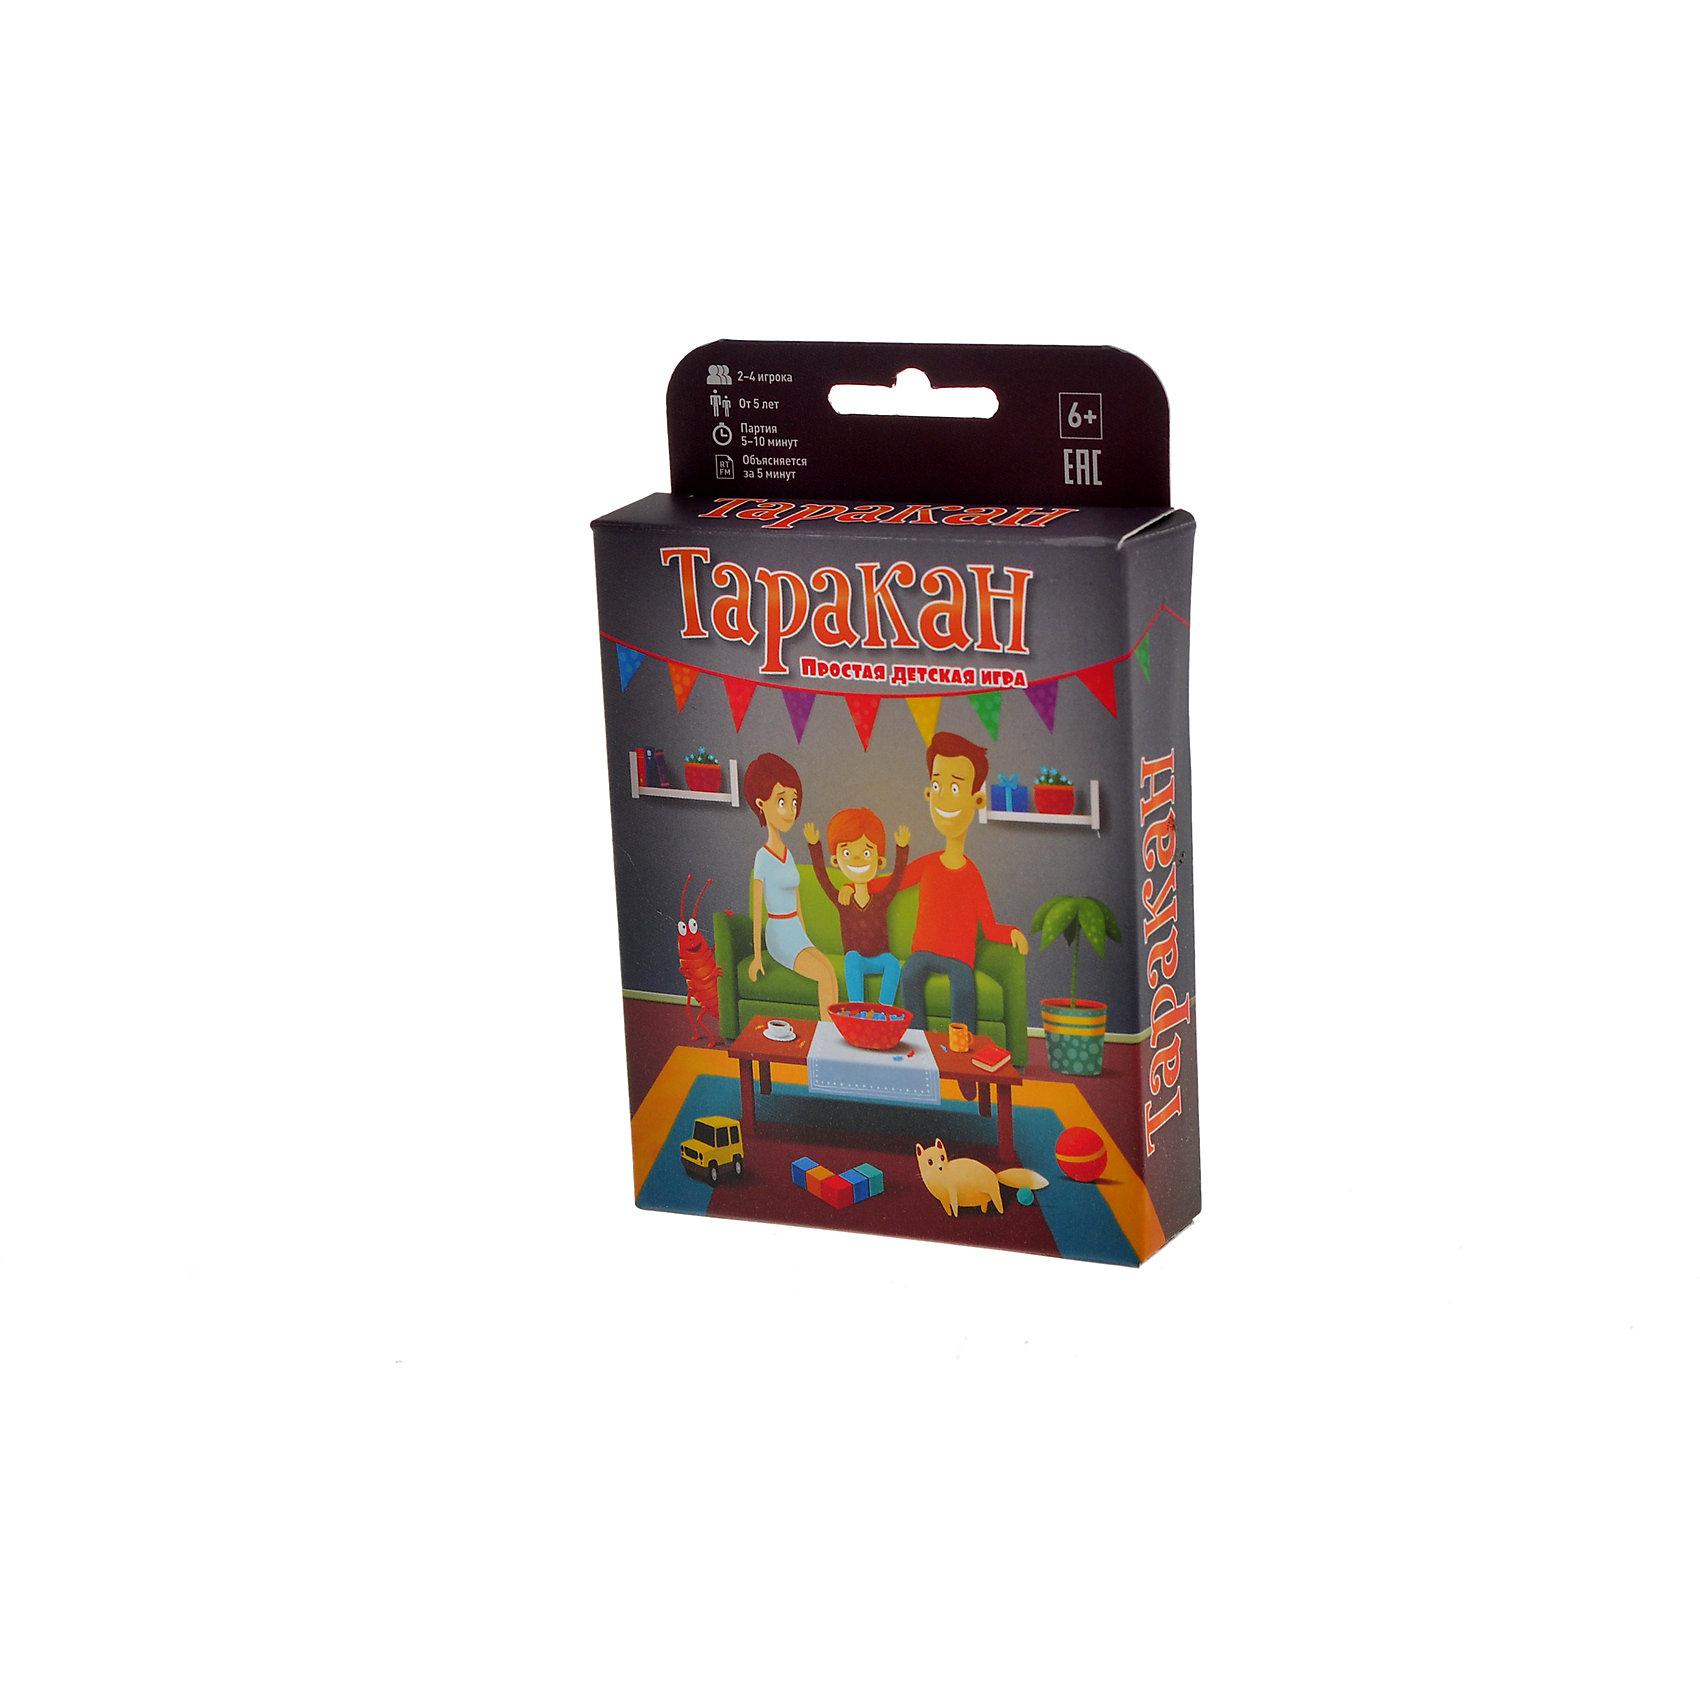 Настольная игра Таракан, МагелланНастольные игры для всей семьи<br>Характеристики:<br><br>• возраст: от 6 лет<br>• комплектация: 15 карточек мам; 15 карточек пап; 15 карточек детей; карточка таракана; правила.<br>• материал: картон<br>• количество игроков: от 2 до 4 человек<br>• время игры: 5-10 минут<br>• размер упаковки: 16х9,5х2 см.<br>• вес: 100 гр.<br><br>Настольная игра «Таракан» ? очень простая детская игра, в которой нужно собирать семьи из карт. Каждый ход вы стараетесь собрать карты мамы, папы и ребёнка вместе, вытаскивая одну карту у соседа справа. А сосед слева вытаскивает карту у вас. Самое главное: не останьтесь с тараканом на руке ? его нельзя сбросить.<br><br>Настольная игра «Таракан» подарит не только позитивные эмоции, но и разовьет внимание и усидчивость. Игра замечательно подходит для похода в гости и для детского праздника. Ее можно взять в дорогу.<br><br>Настольную игру Таракан, Магеллан можно купить в нашем интернет-магазине.<br><br>Ширина мм: 160<br>Глубина мм: 95<br>Высота мм: 20<br>Вес г: 100<br>Возраст от месяцев: 72<br>Возраст до месяцев: 144<br>Пол: Унисекс<br>Возраст: Детский<br>SKU: 7036622